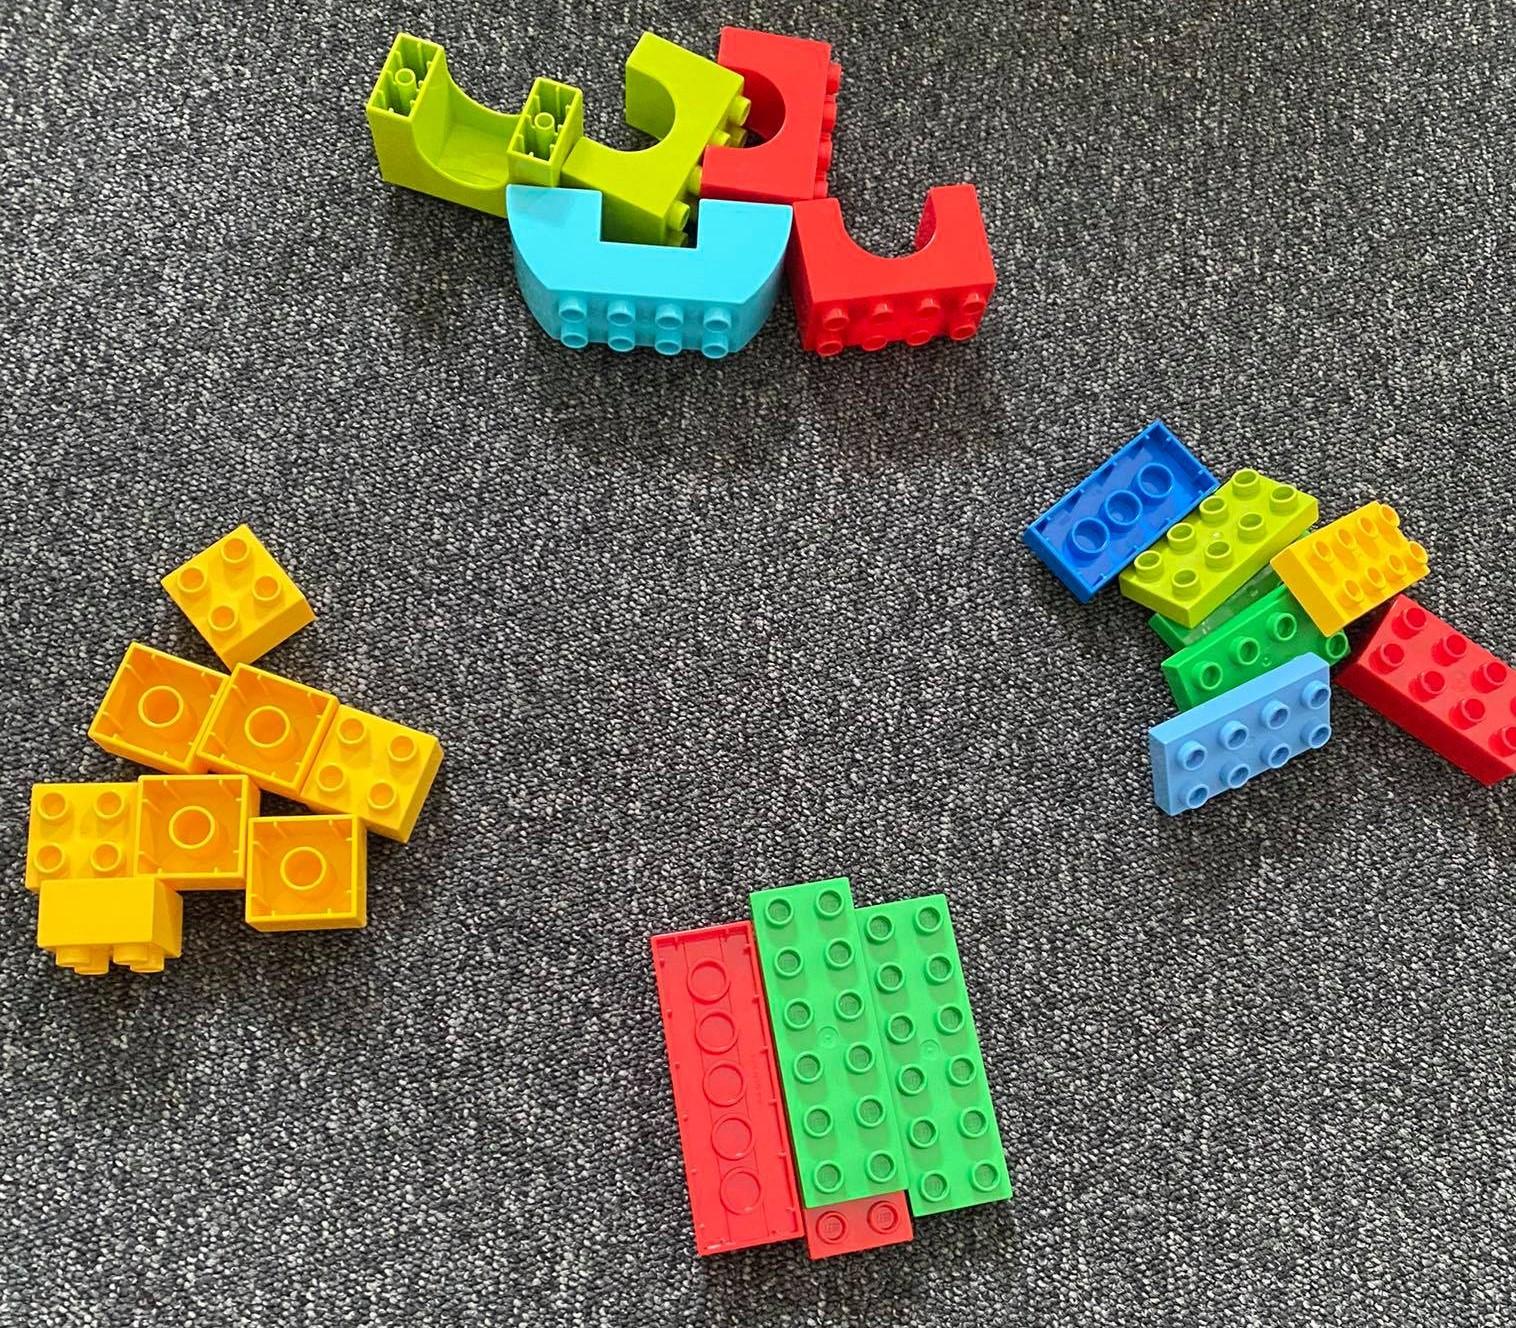 Sortowanie klocków Lego ze względu na ich kształt pomaga rozwinąć kluczowe kompetencje STEAM